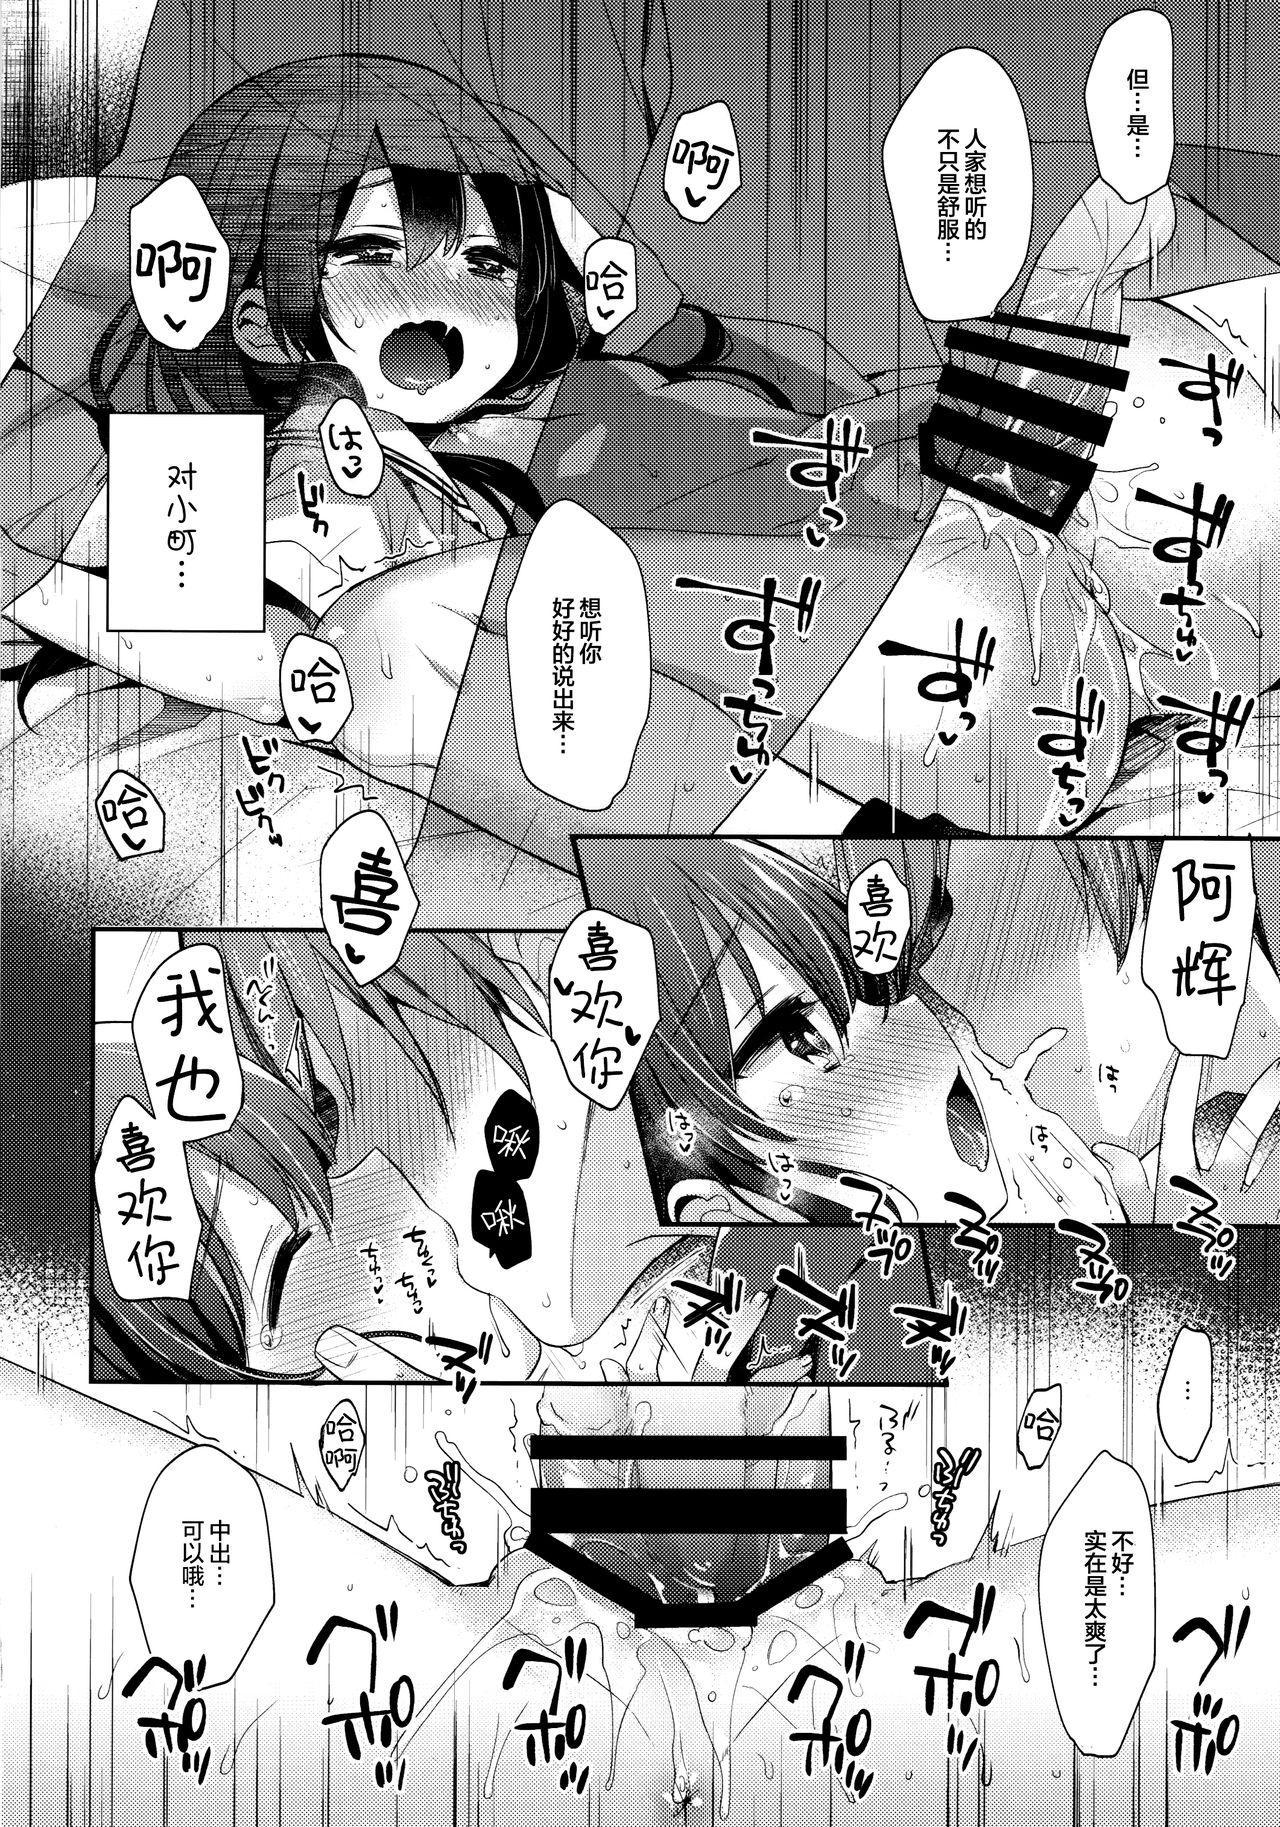 Bokutachi wa, Koi o Shitenai 21